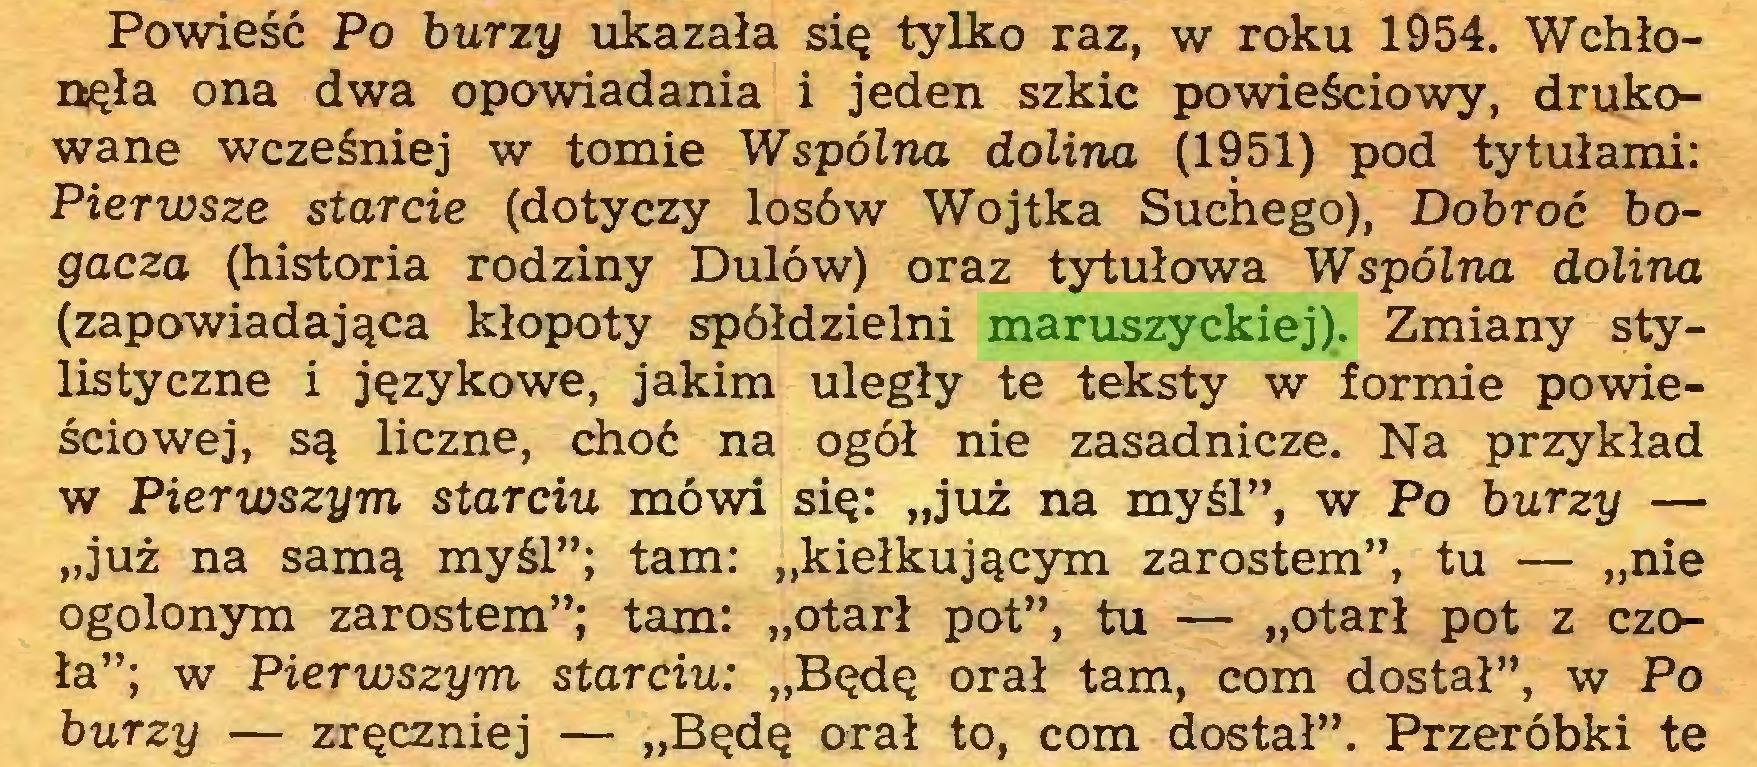 """(...) Powieść Po burzy ukazała się tylko raz, w roku 1954. Wchłonęła ona dwa opowiadania i jeden szkic powieściowy, drukowane wcześniej w tomie Wspólna dolina (1951) pod tytułami: Pierwsze starcie (dotyczy losów Wojtka Suchego), Dobroć bogacza (historia rodziny Dulów) oraz tytułowa Wspólna dolina (zapowiadająca kłopoty spółdzielni maruszyckiej). Zmiany stylistyczne i językowe, jakim uległy te teksty w formie powieściowej, są liczne, choć na ogół nie zasadnicze. Na przykład w Pierwszym starciu mówi się: """"już na myśl"""", w Po burzy — """"już na samą myśl""""; tam: """"kiełkującym zarostem"""", tu — """"nie ogolonym zarostem""""; tam: """"otarł pot"""", tu — """"otarł pot z czoła""""; w Pierwszym starciu: """"Będę orał tam, com dostał"""", w Po burzy — zręczniej — """"Będę orał to, com dostał"""". Przeróbki te..."""